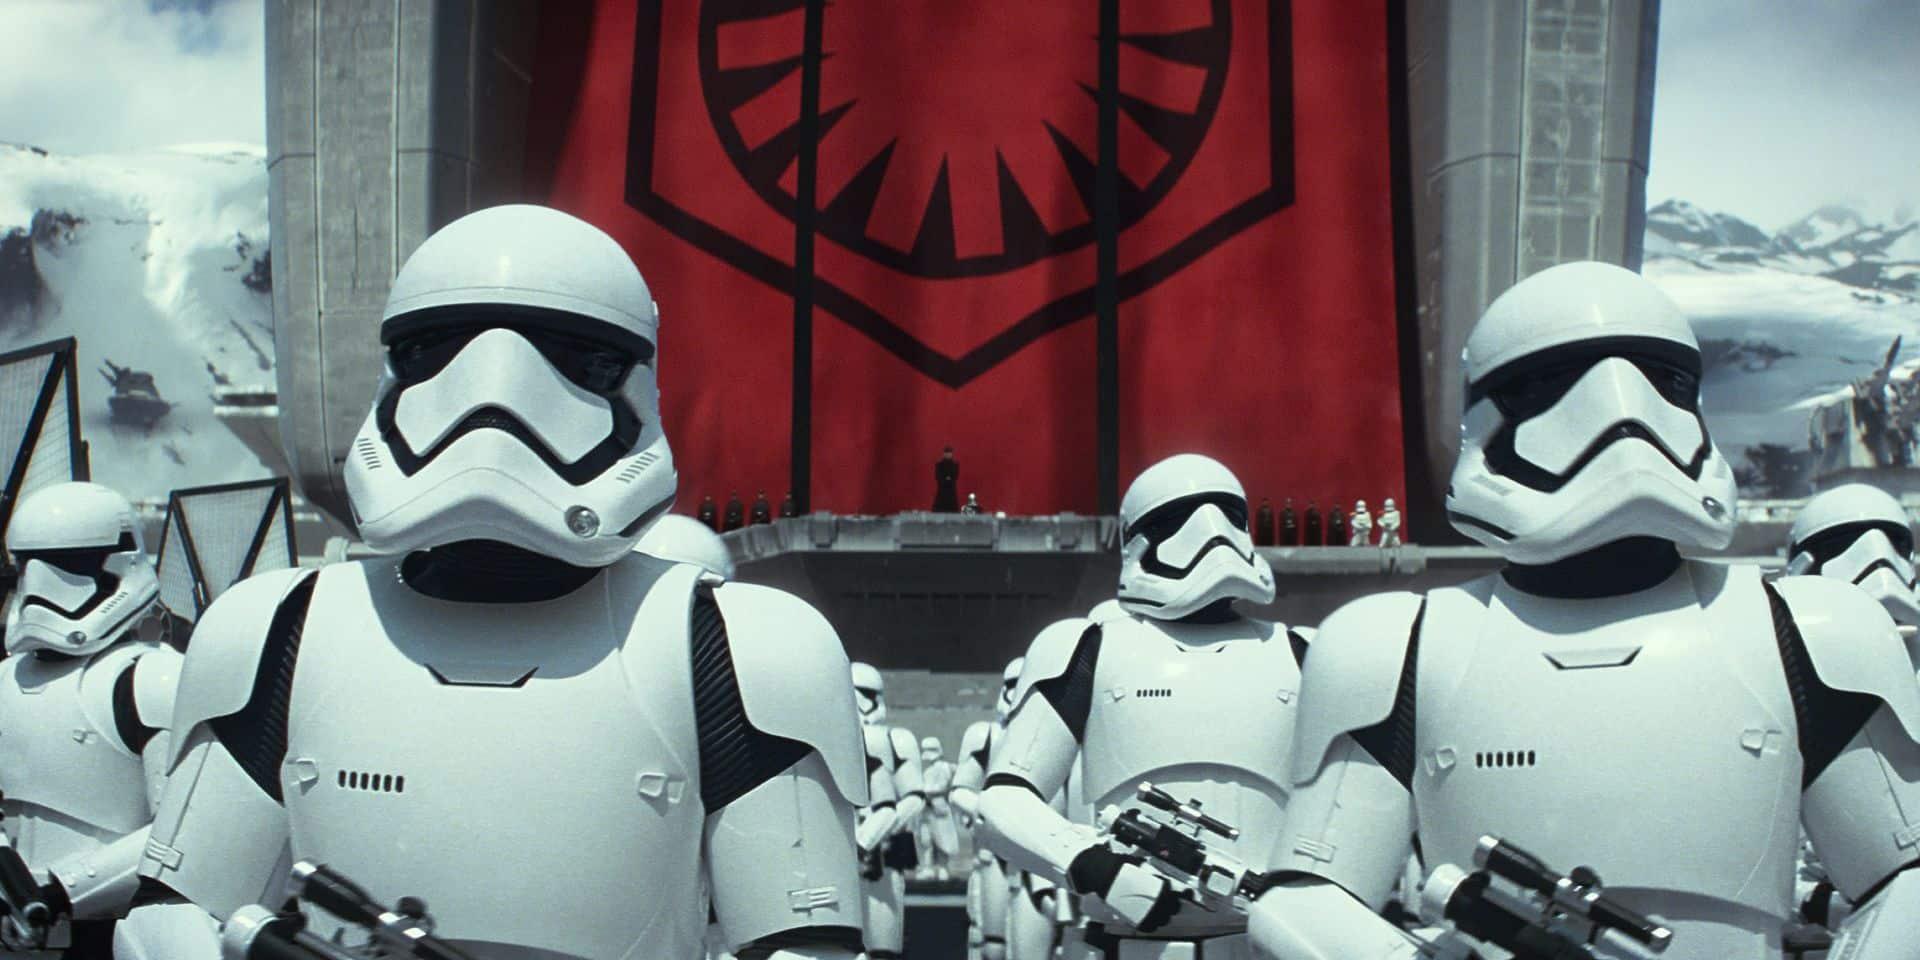 Une star de la musique jouera aux stormtroopers dans le prochain Star Wars